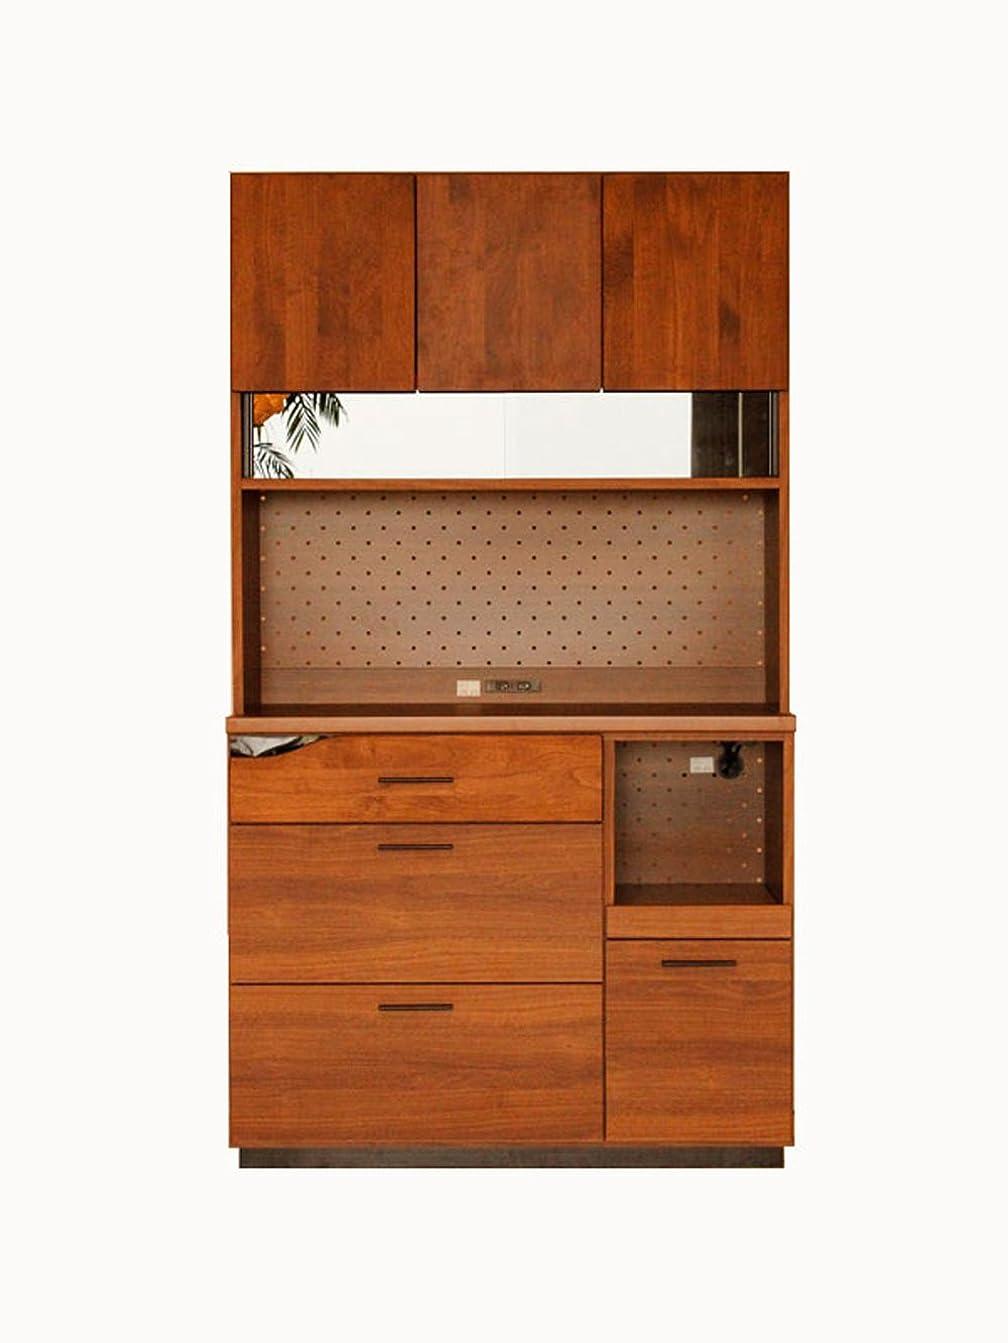 事故湿気の多い区別する大川家具 東馬 キッチンボード QUATRO 105cm幅 ブラウン 162329